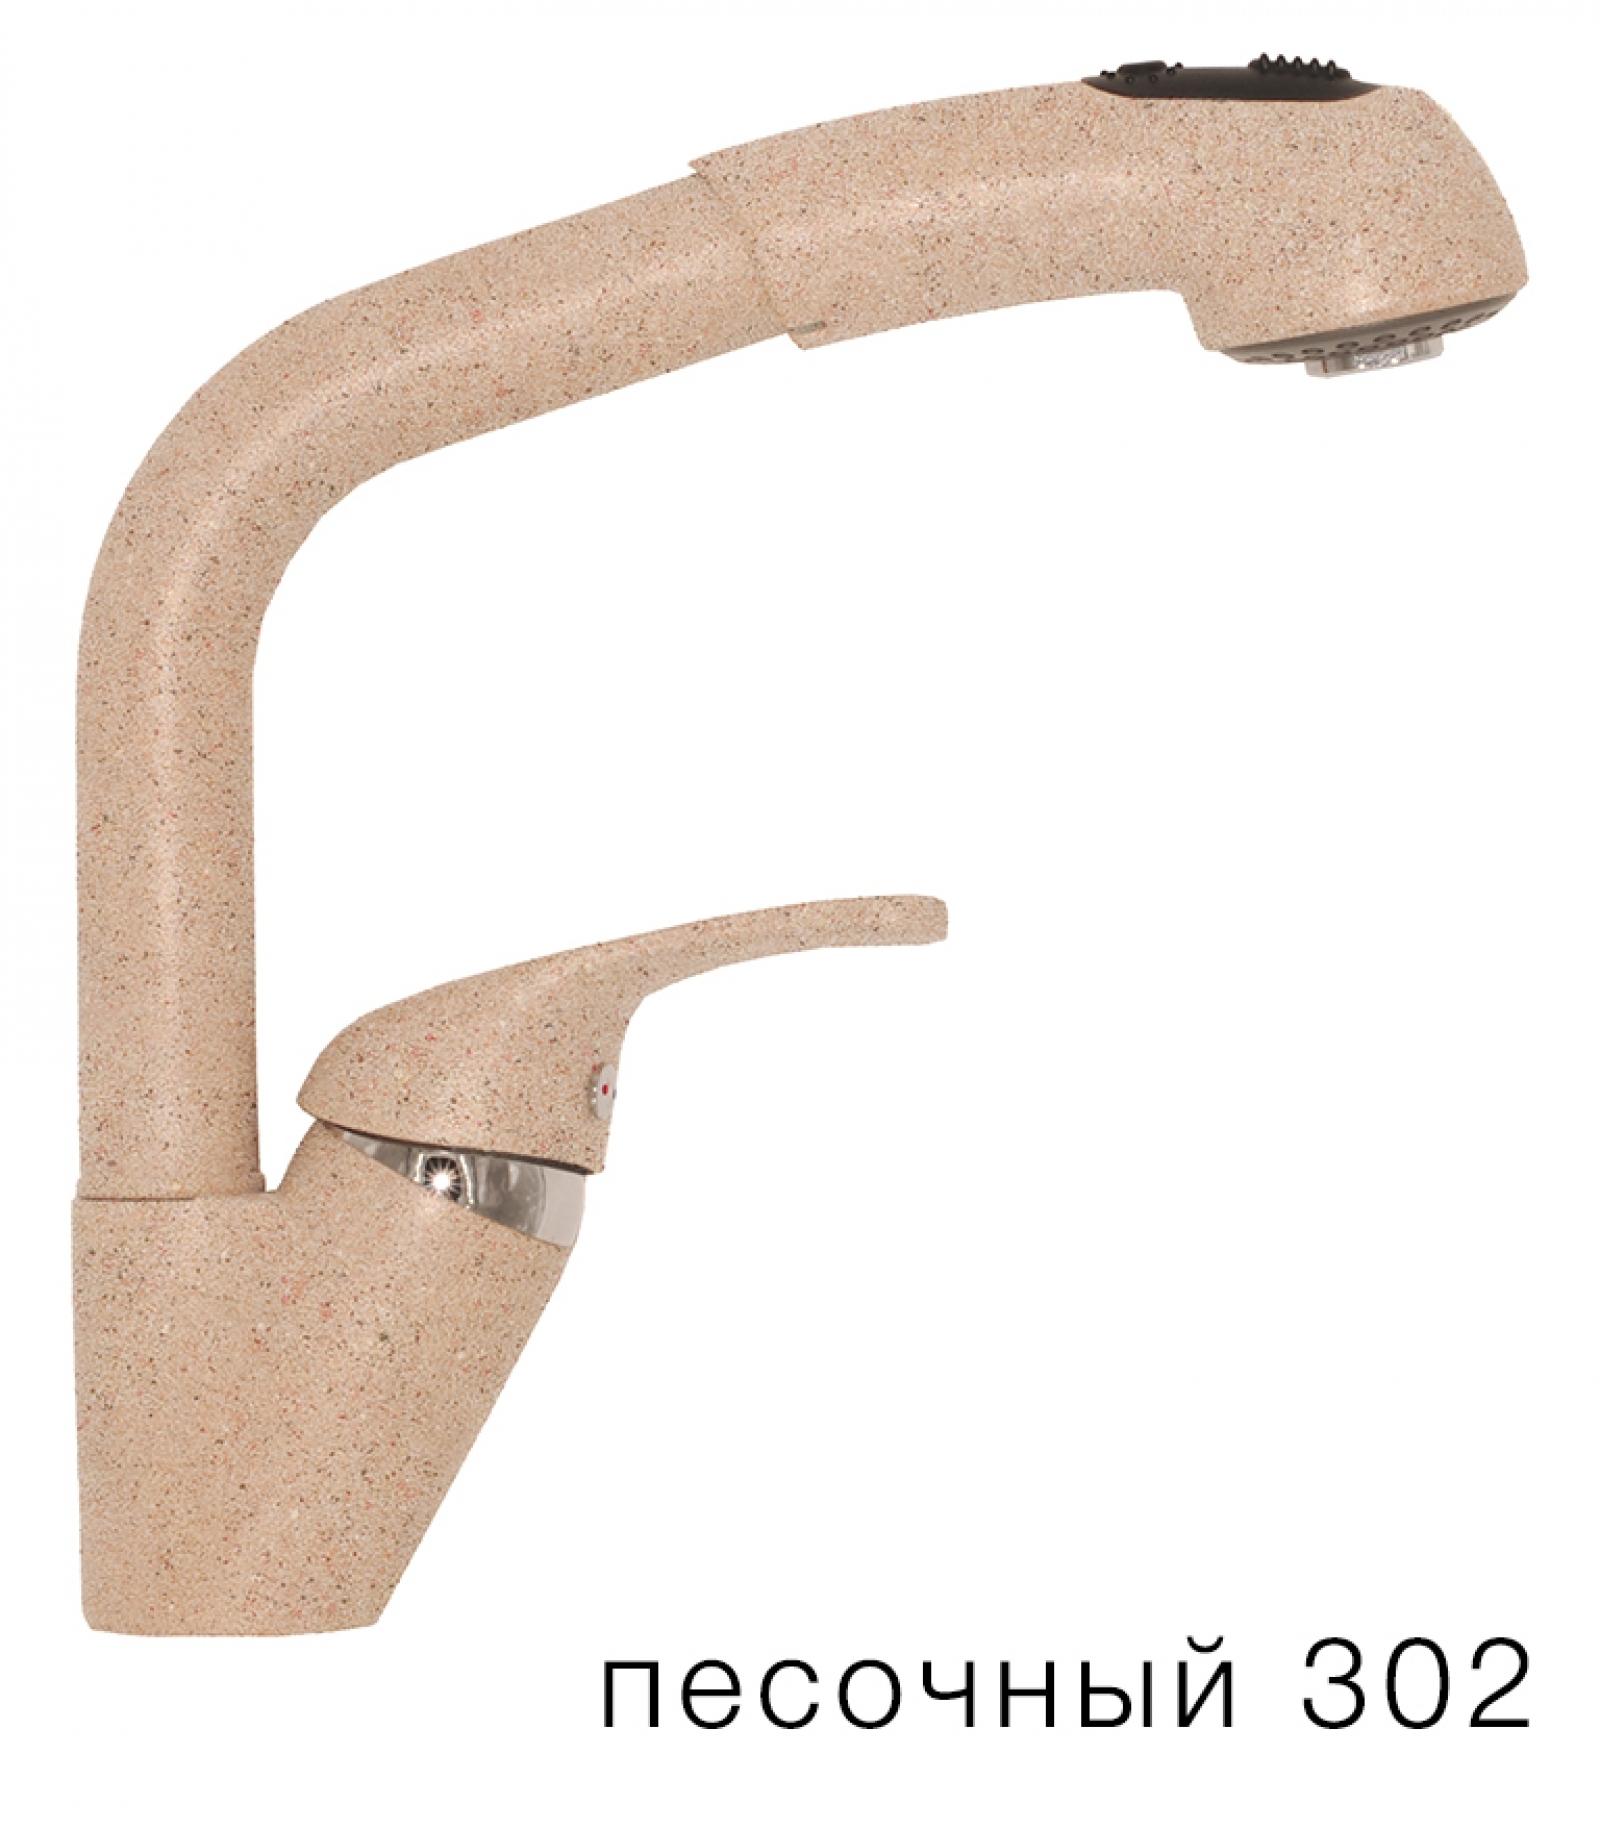 Смеситель кухонный Высокая лейка 302 песочный